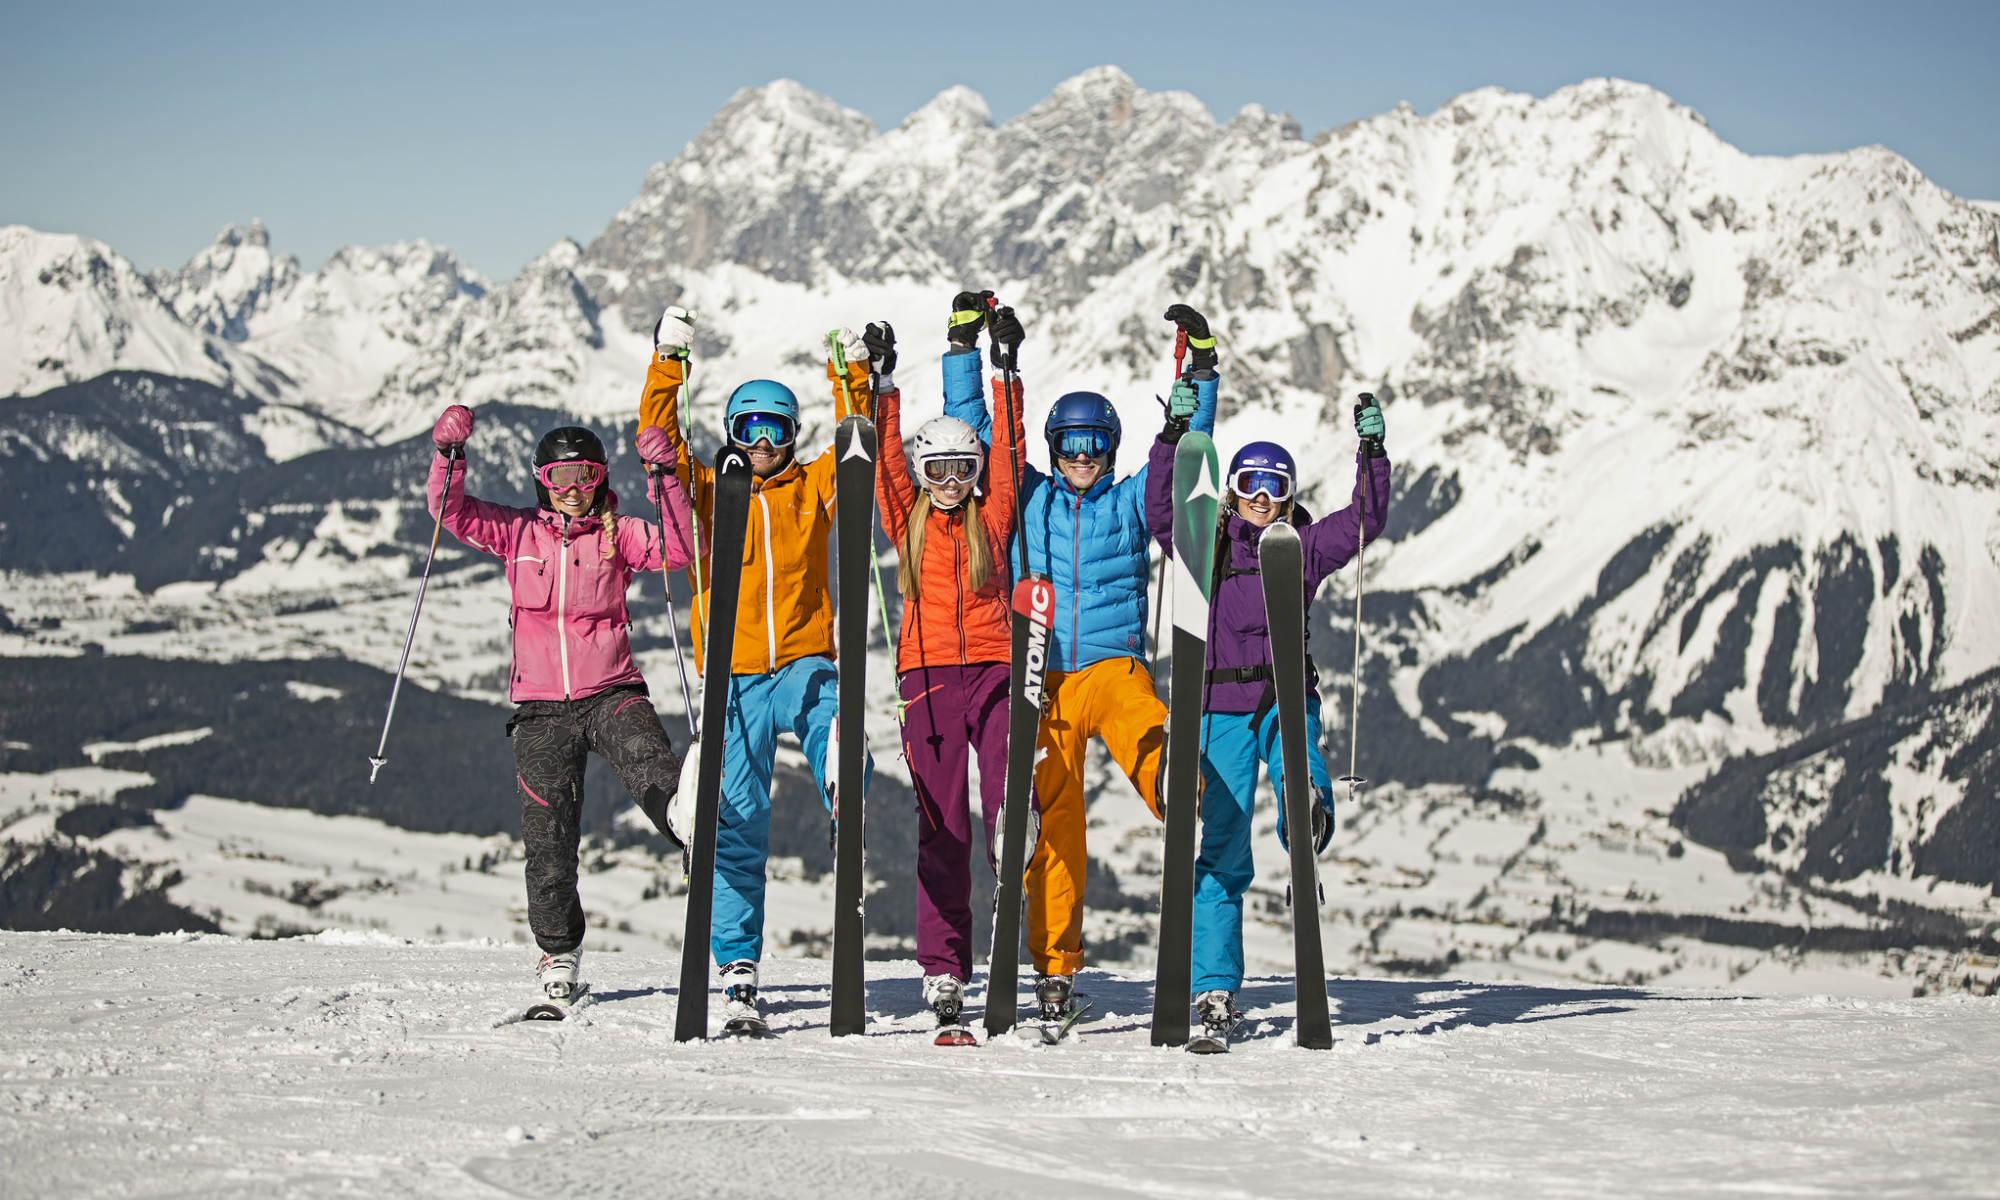 5 Skifahrer mit aufgestellten Skiern vor dem Panorama des Skigebiets Schladming Planai.